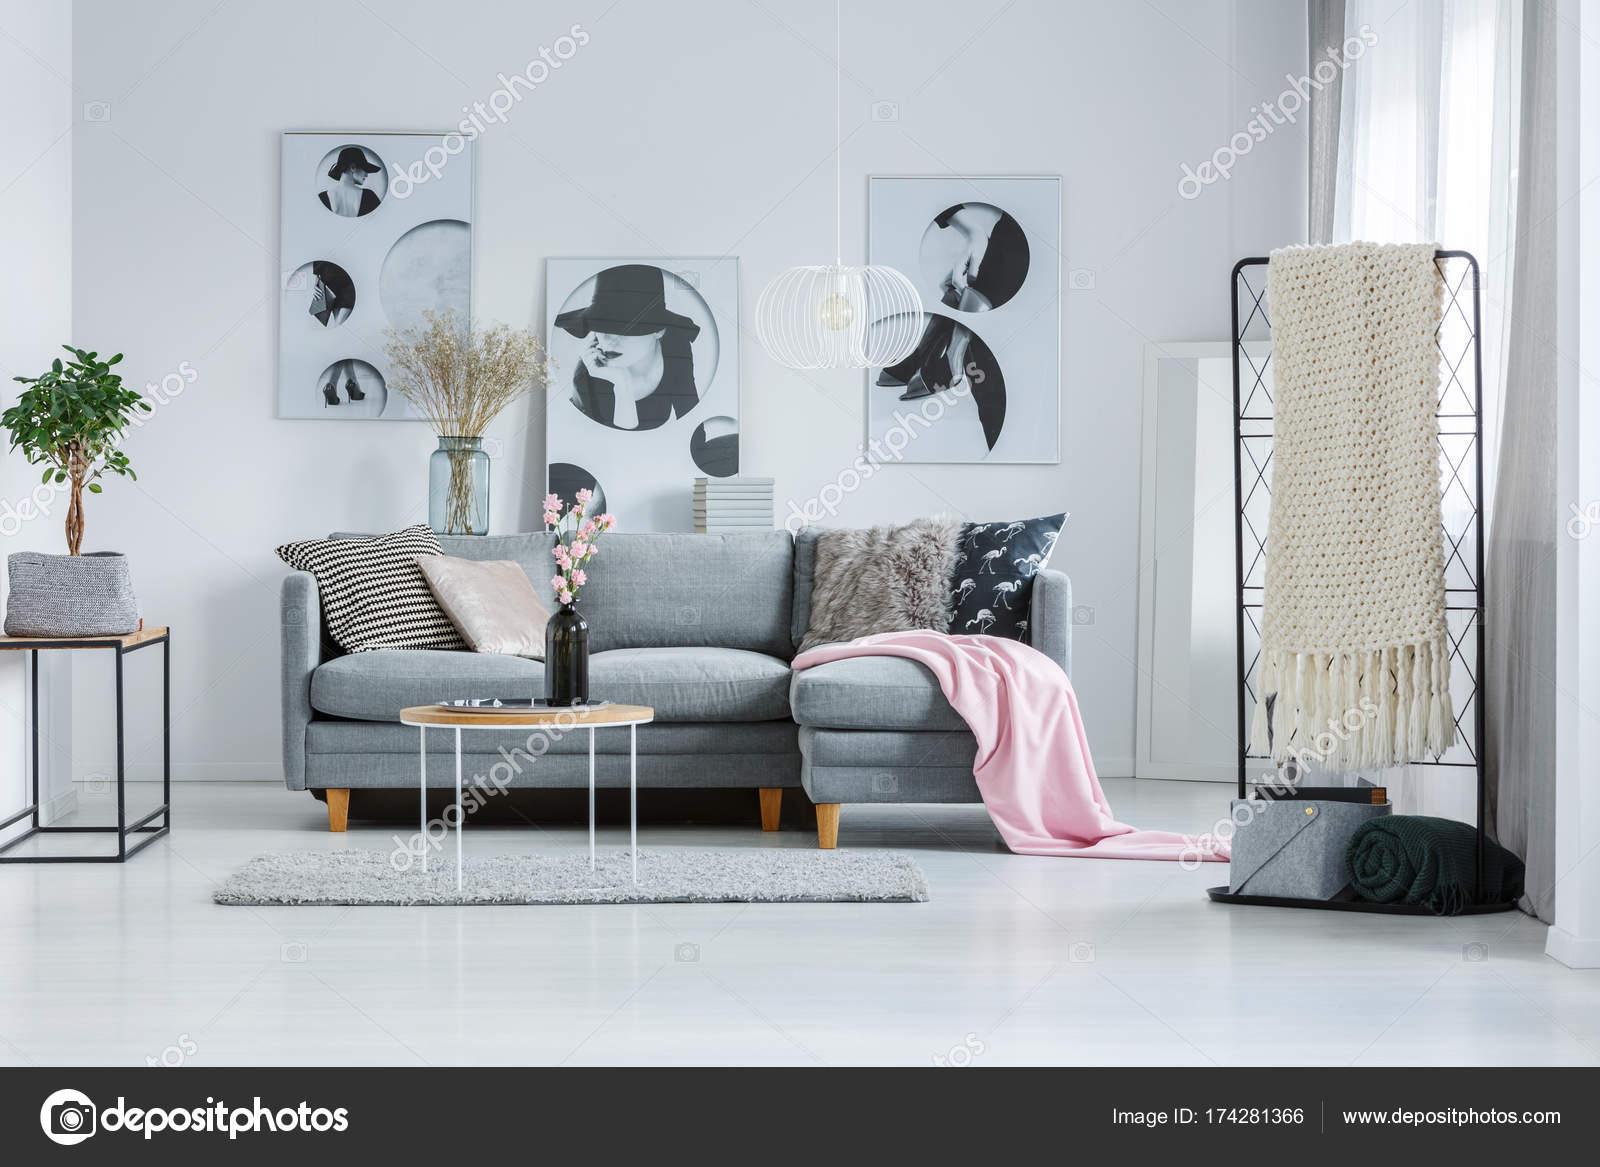 Einzigartig Sofa Pastell Beste Wahl Zimmer Mit Grauen — Stockfoto